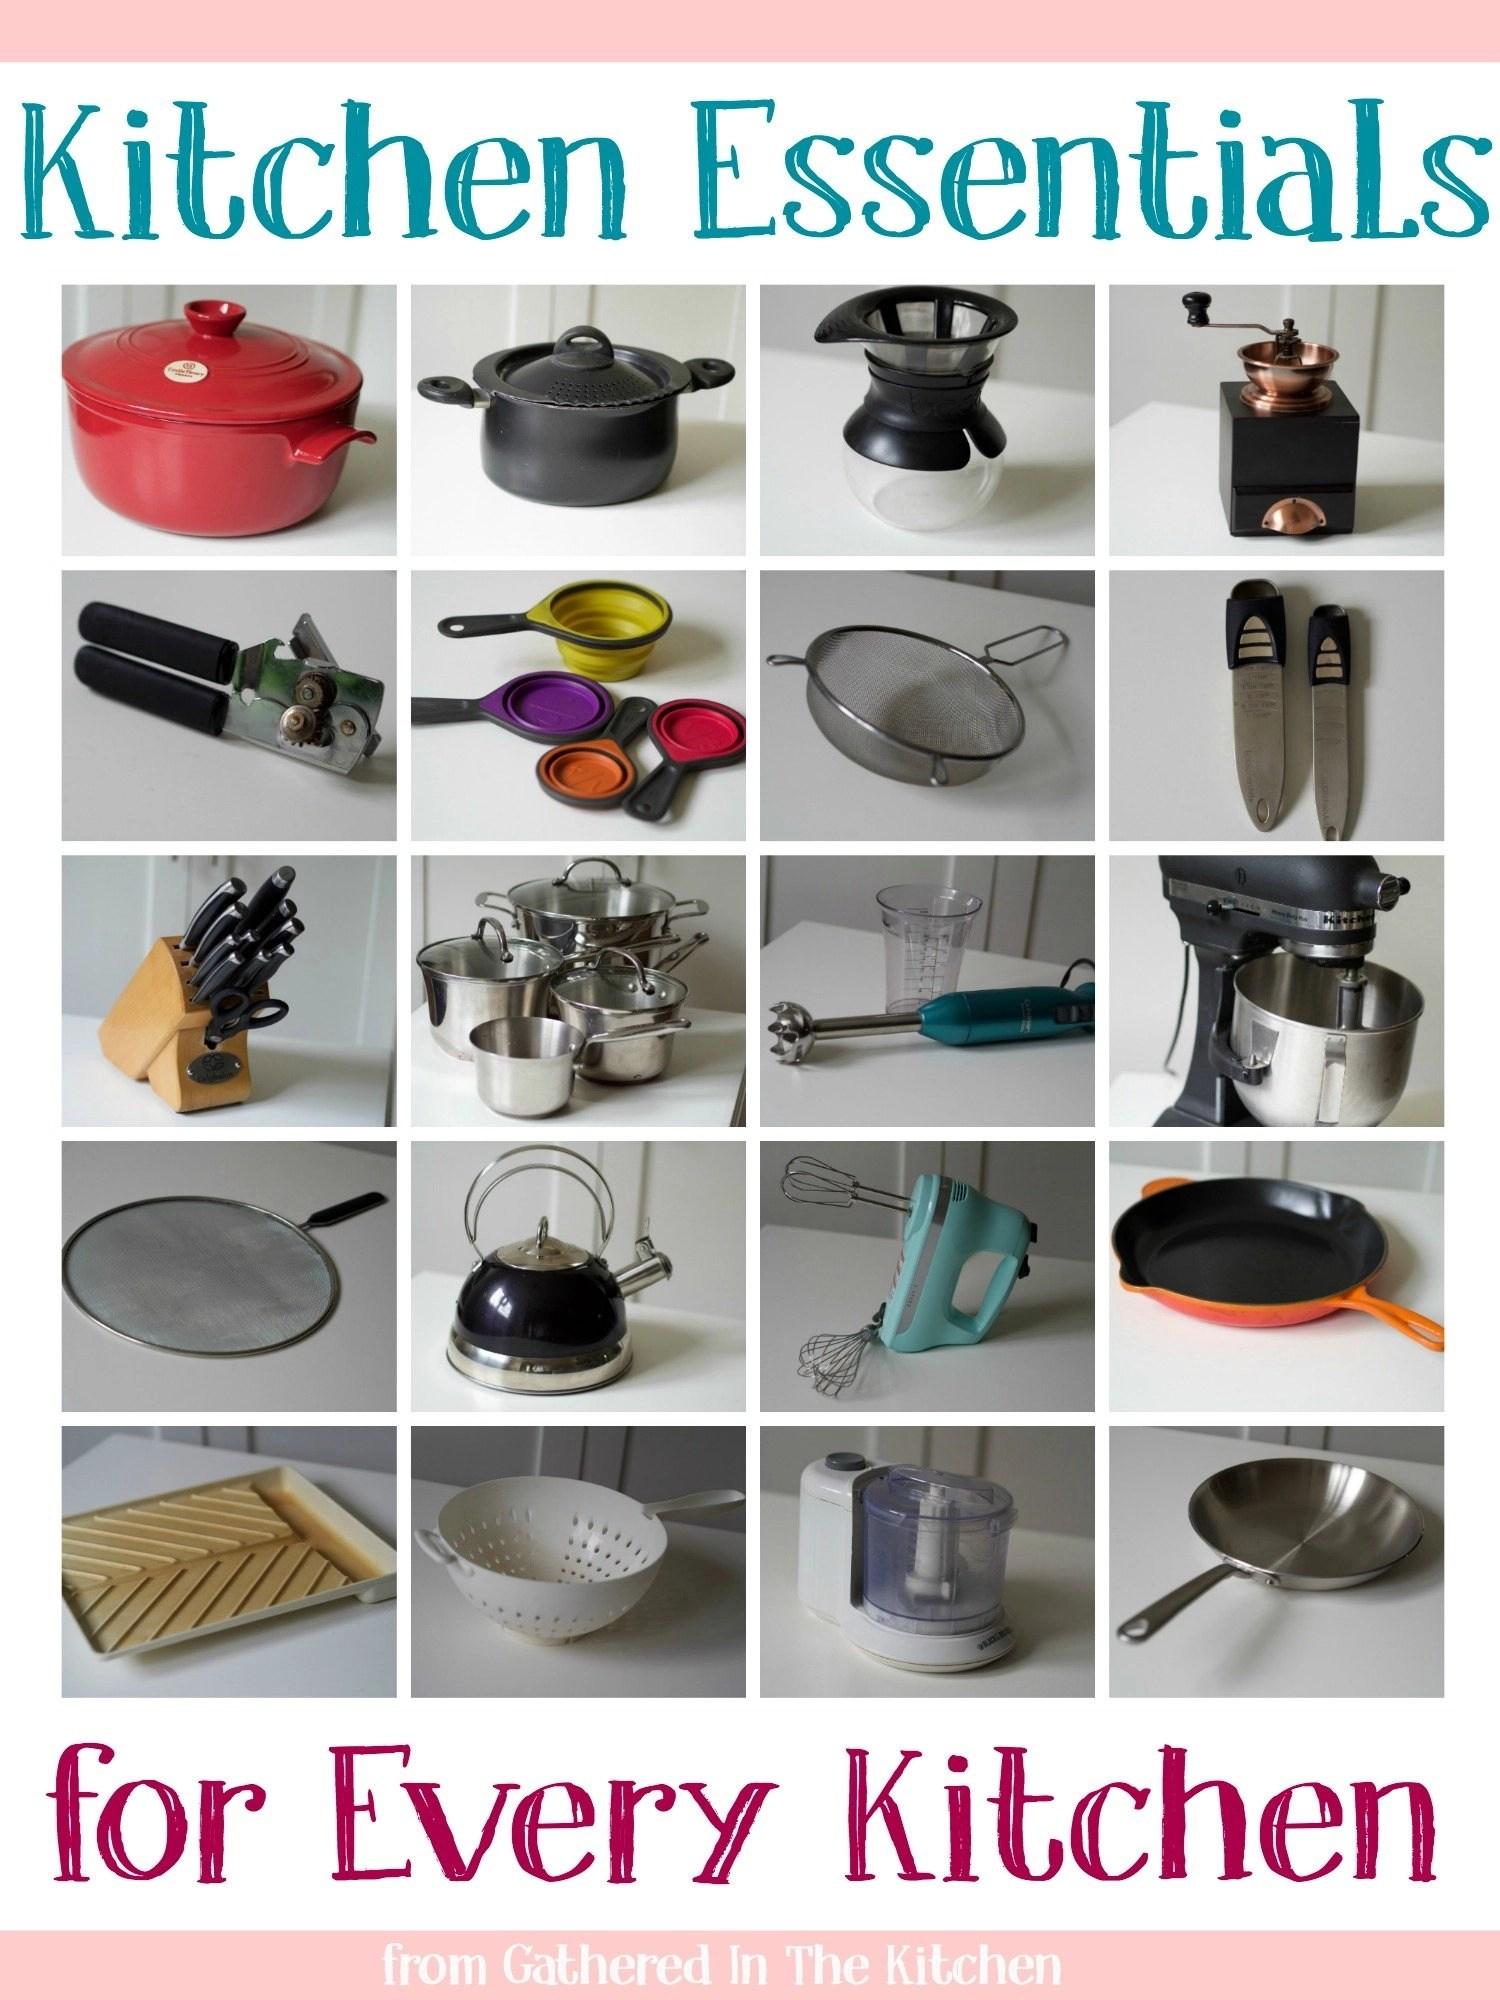 Kitchen Essentials for Every Kitchen - Gathered In The Kitchen